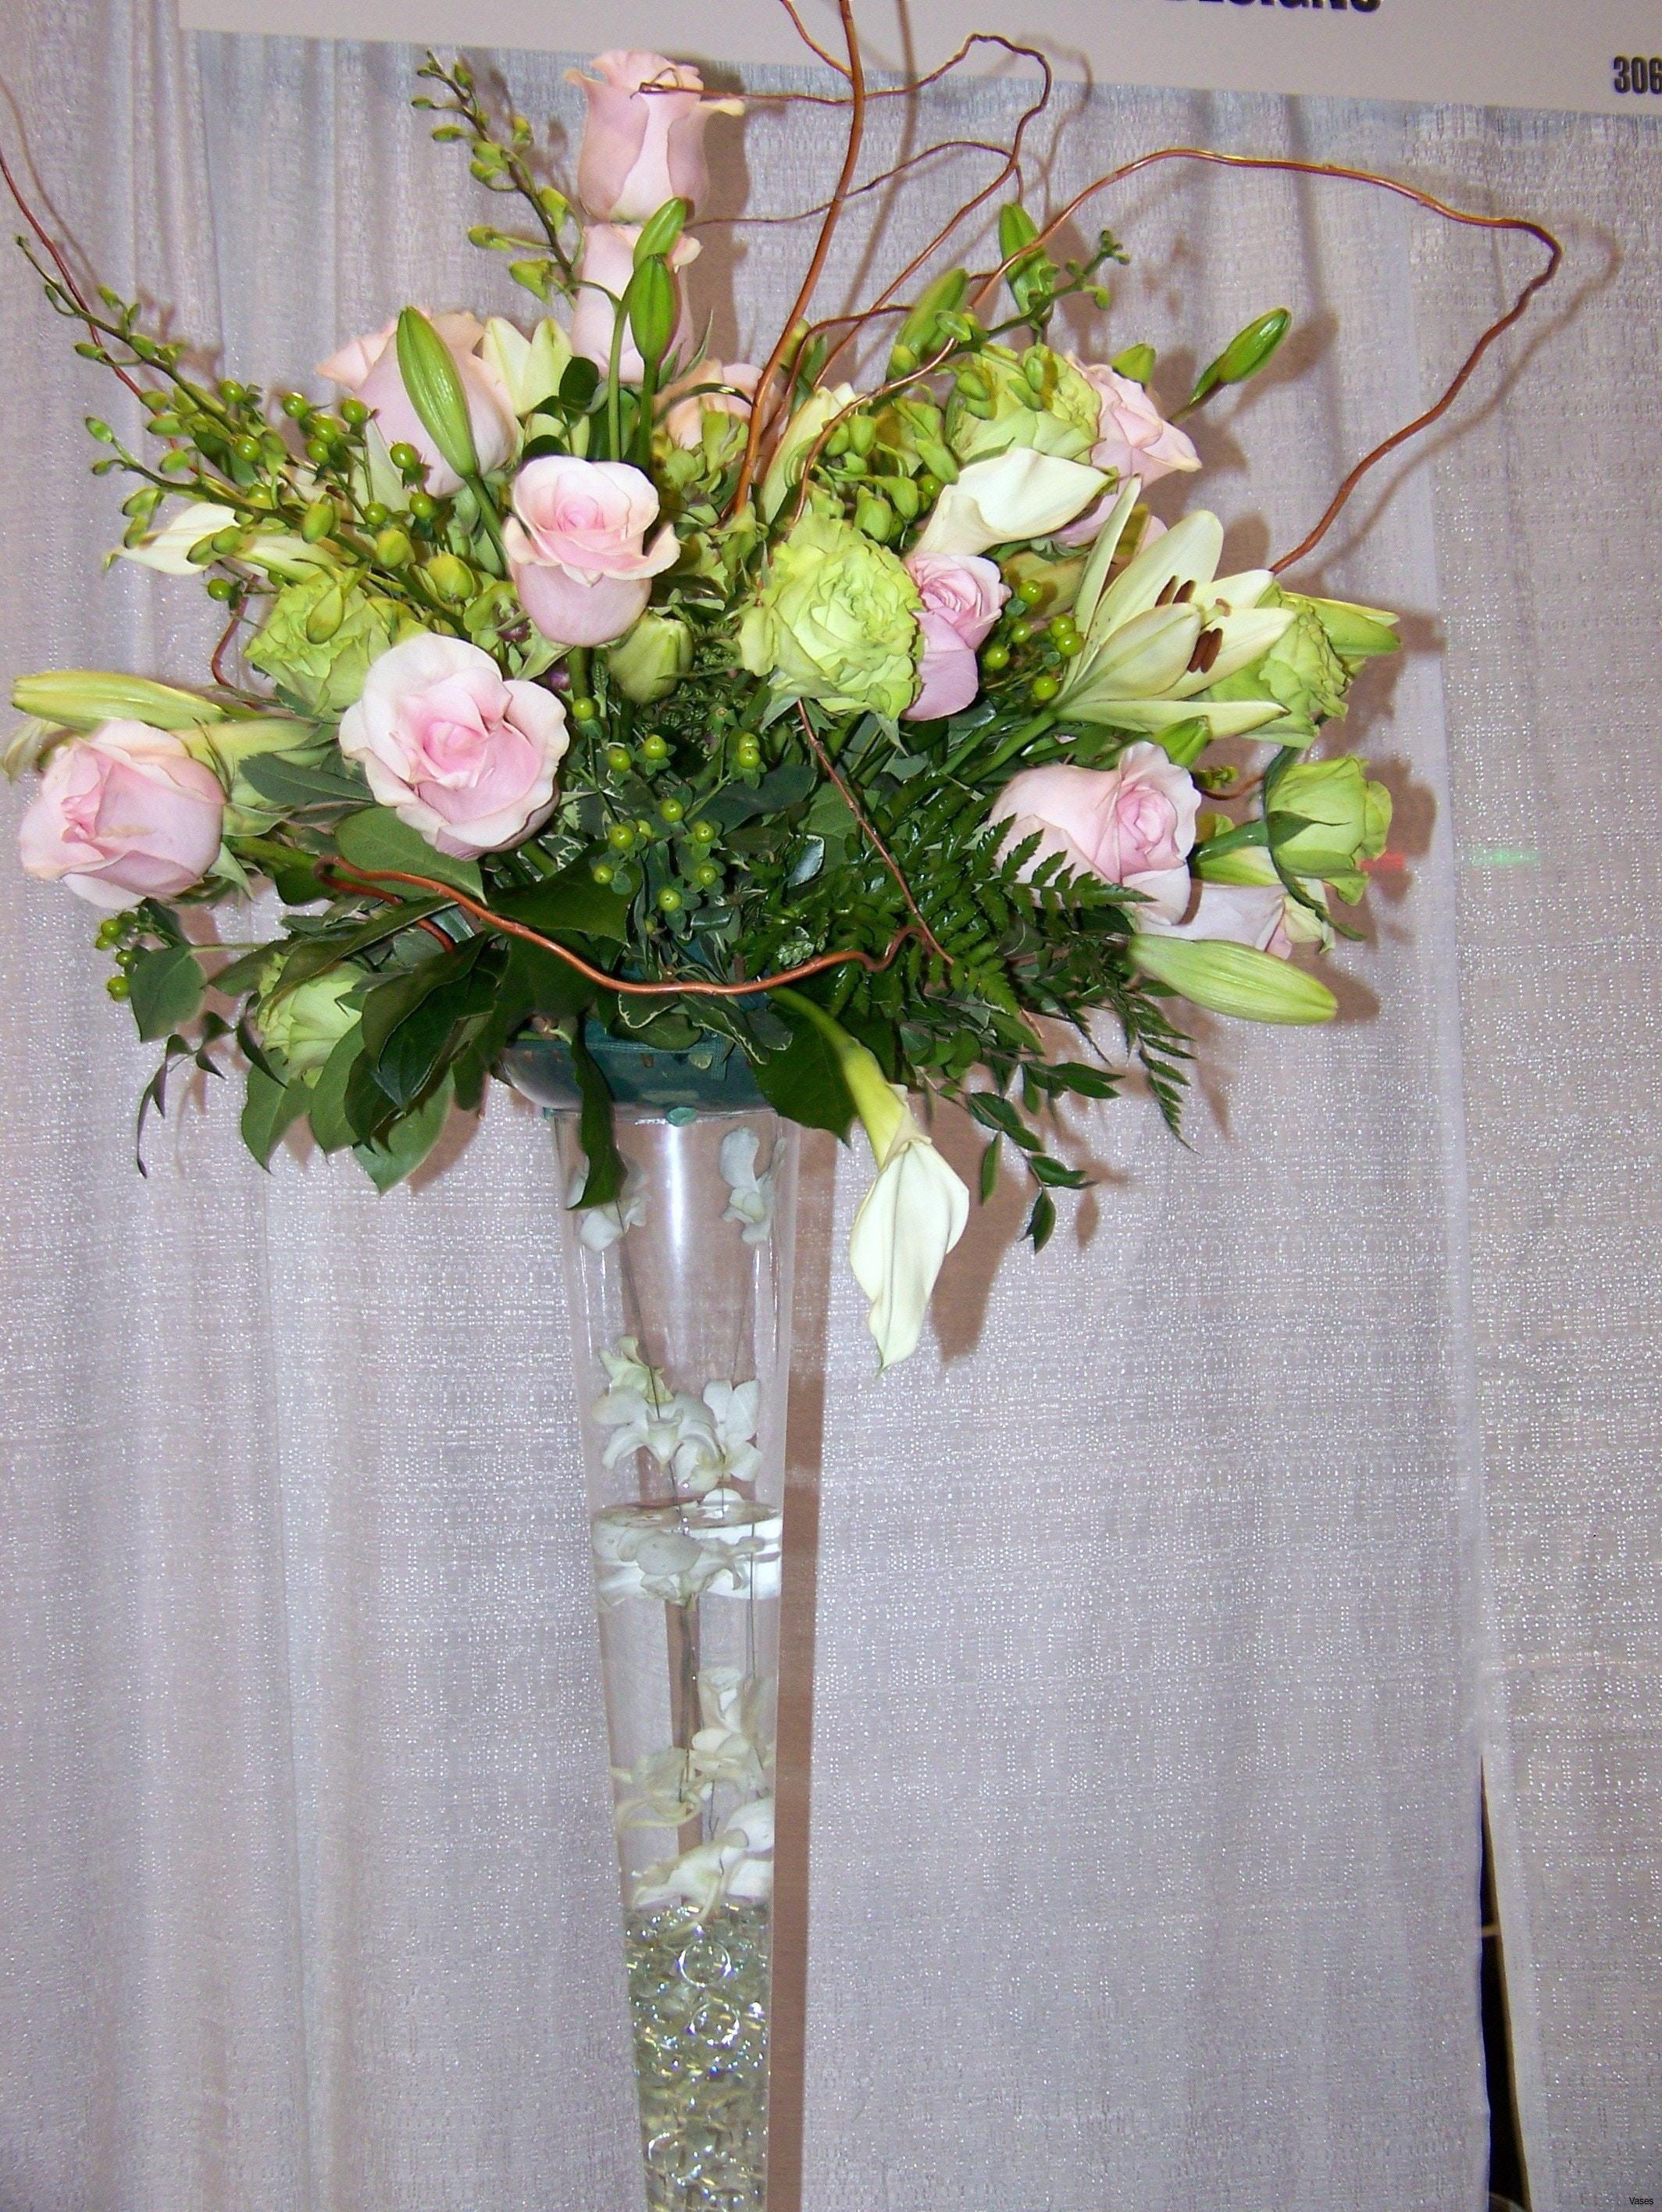 vase of lavender of deco table princesse nouveau h vases ideas for floral arrangements with deco table princesse nouveau h vases ideas for floral arrangements in i 0d design ideas design